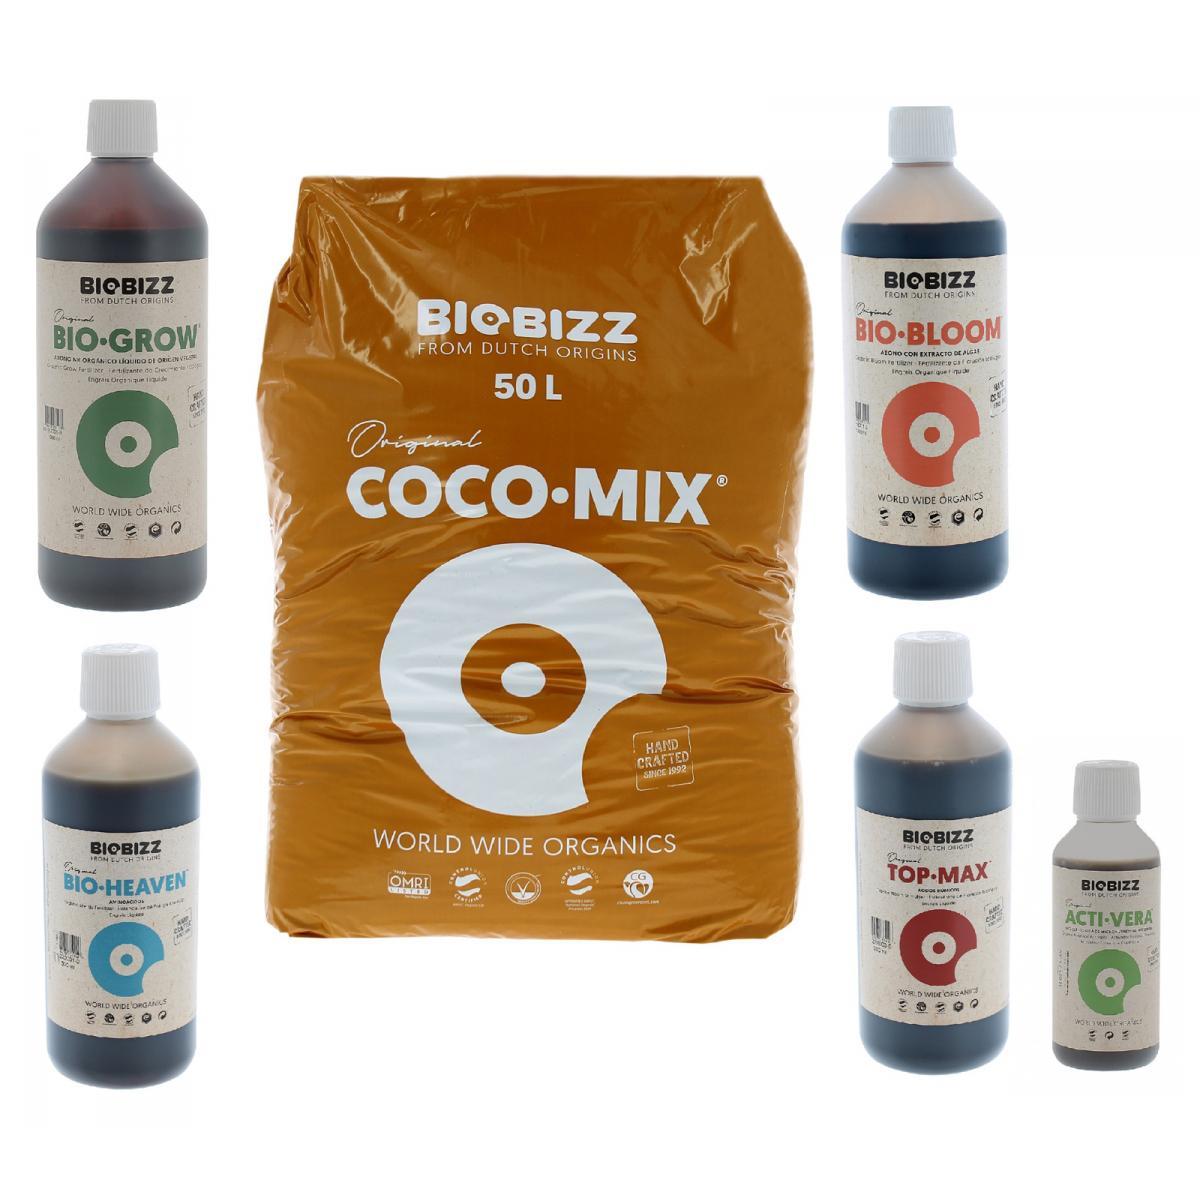 Biobizz Pack Coco-Mix 50 litres BIOBIZZ + engrais et stimulants